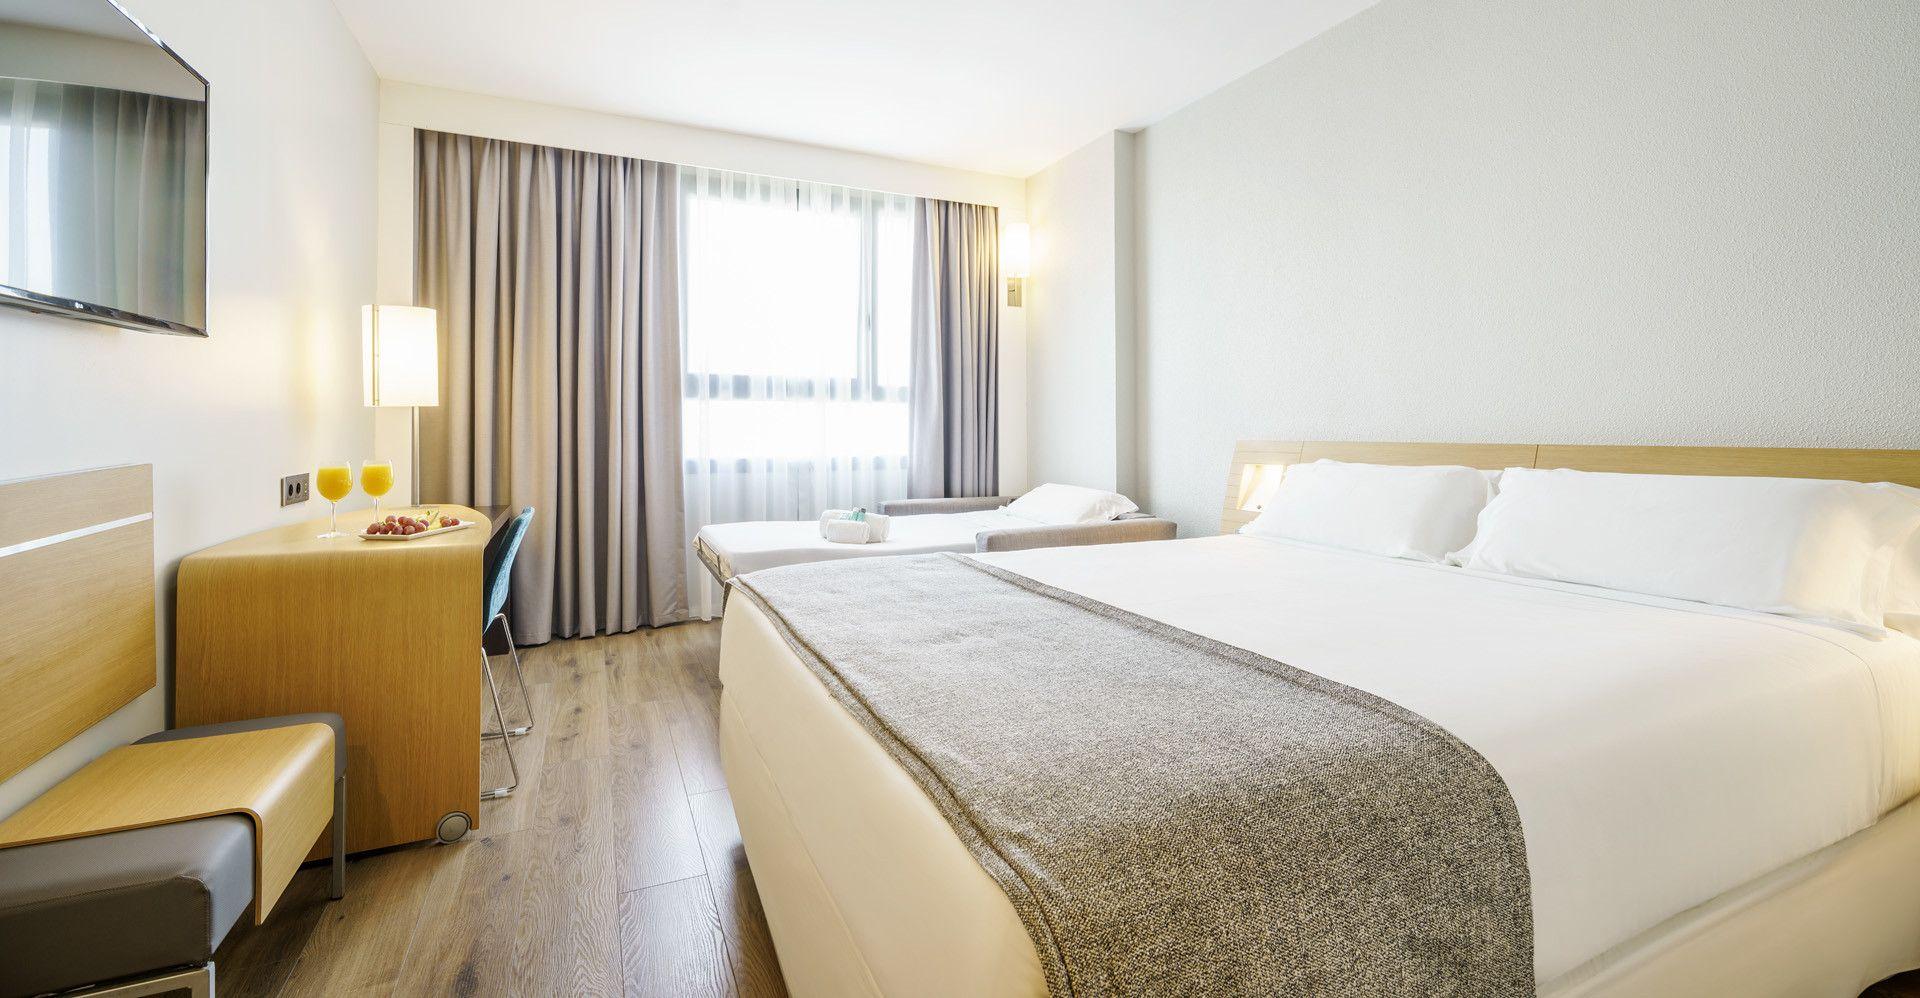 Hotel Ilunion Valencia 4* por 10€ noche